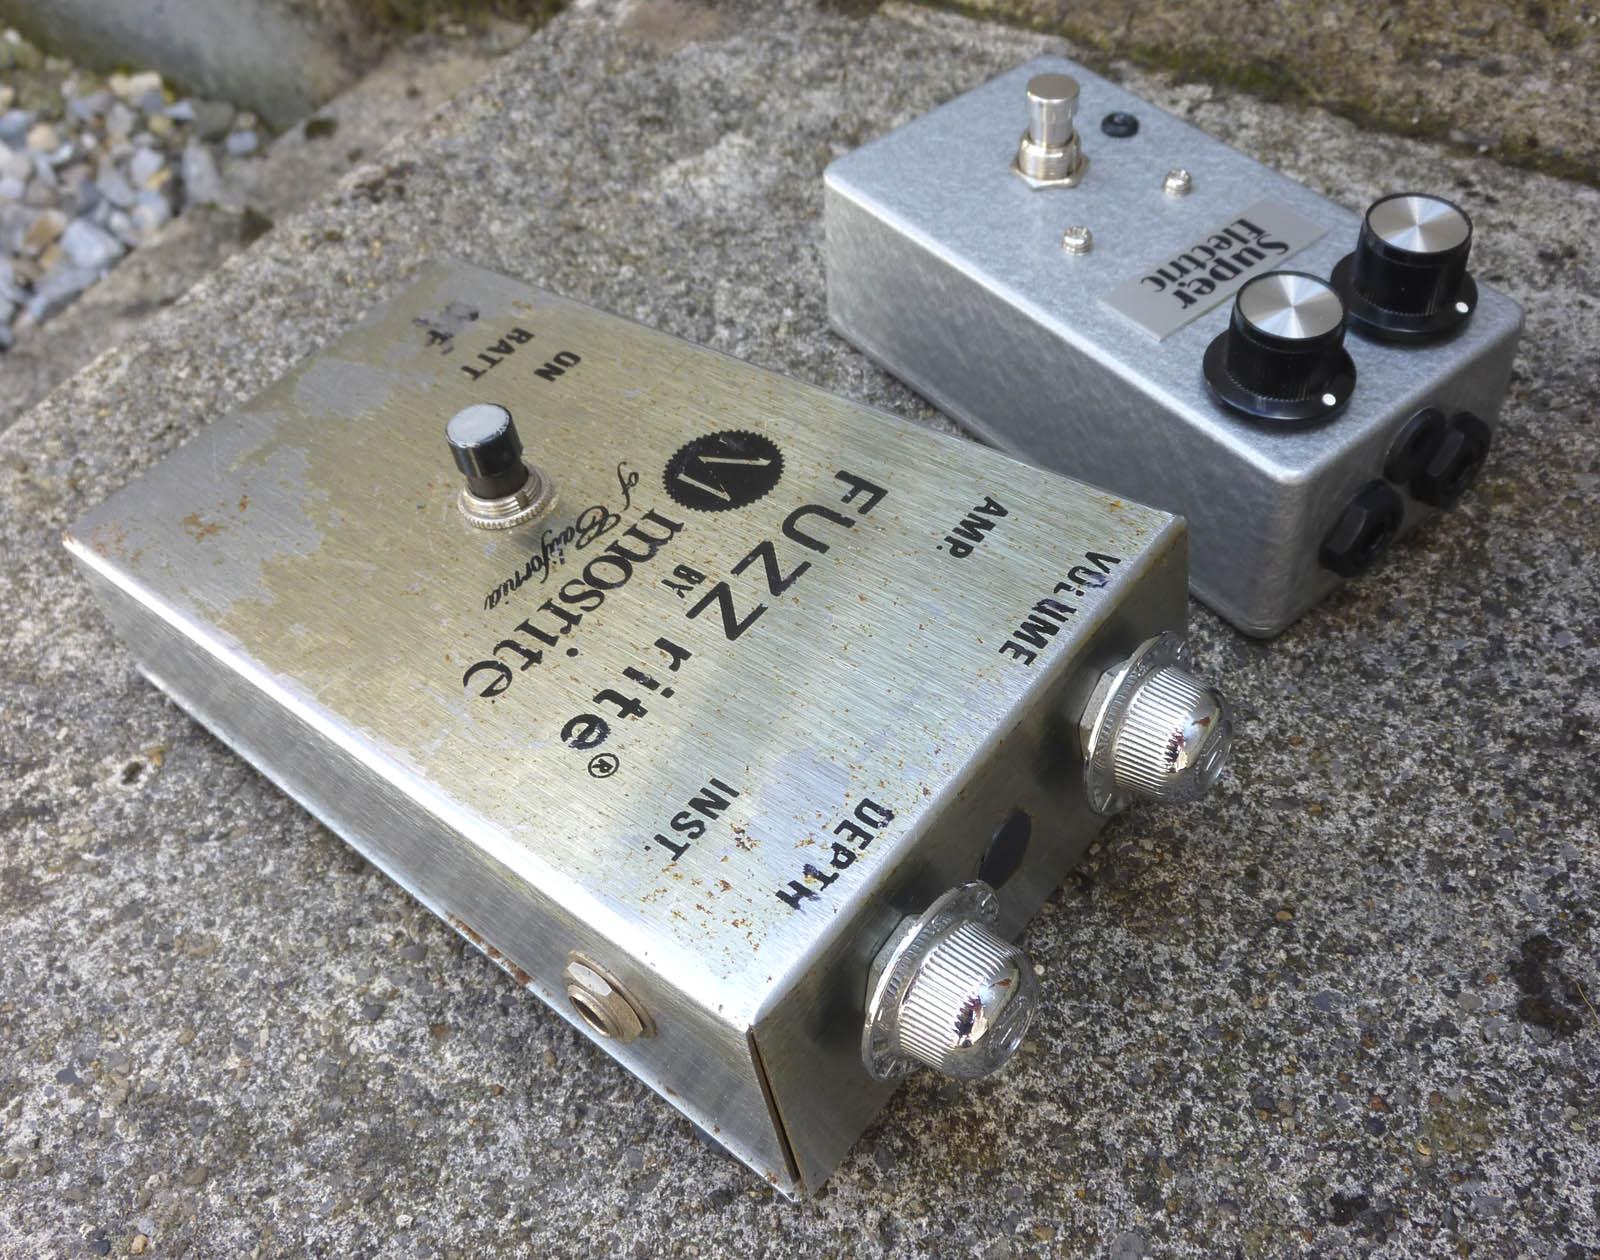 Super Electric Allrite (silicon) with original silicon Mosrite Fuzzrite.